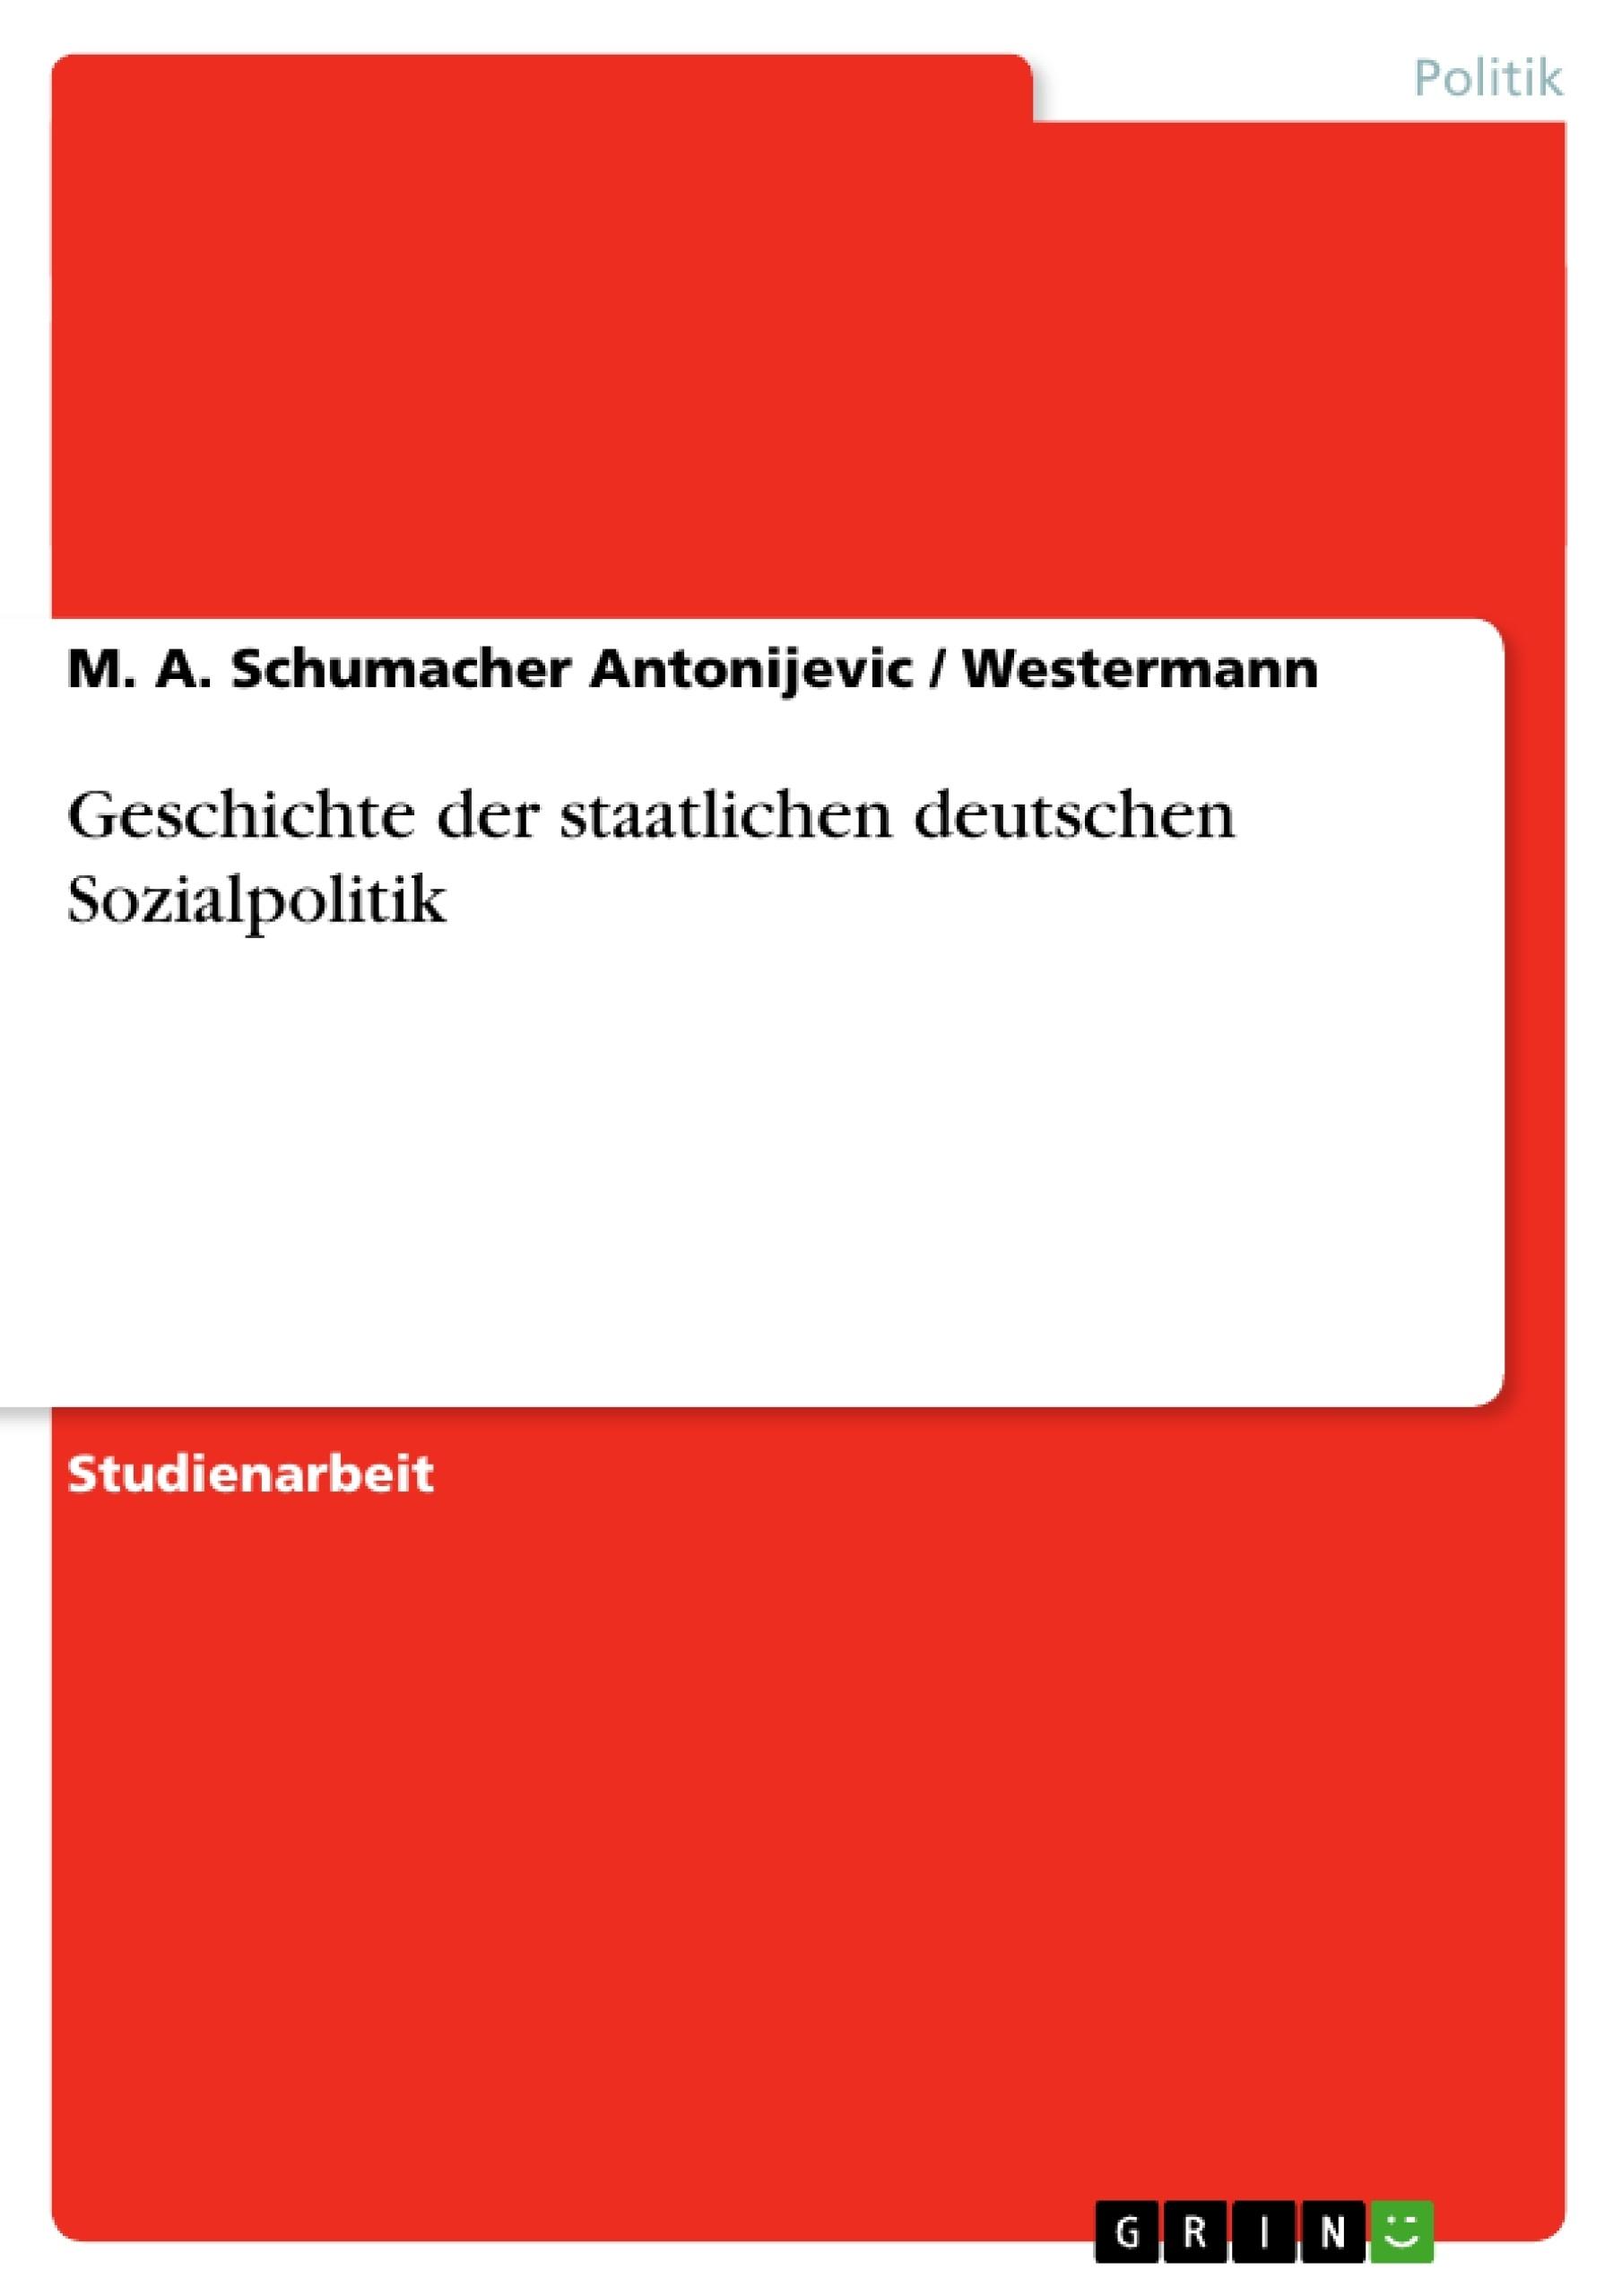 Titel: Geschichte der staatlichen deutschen Sozialpolitik